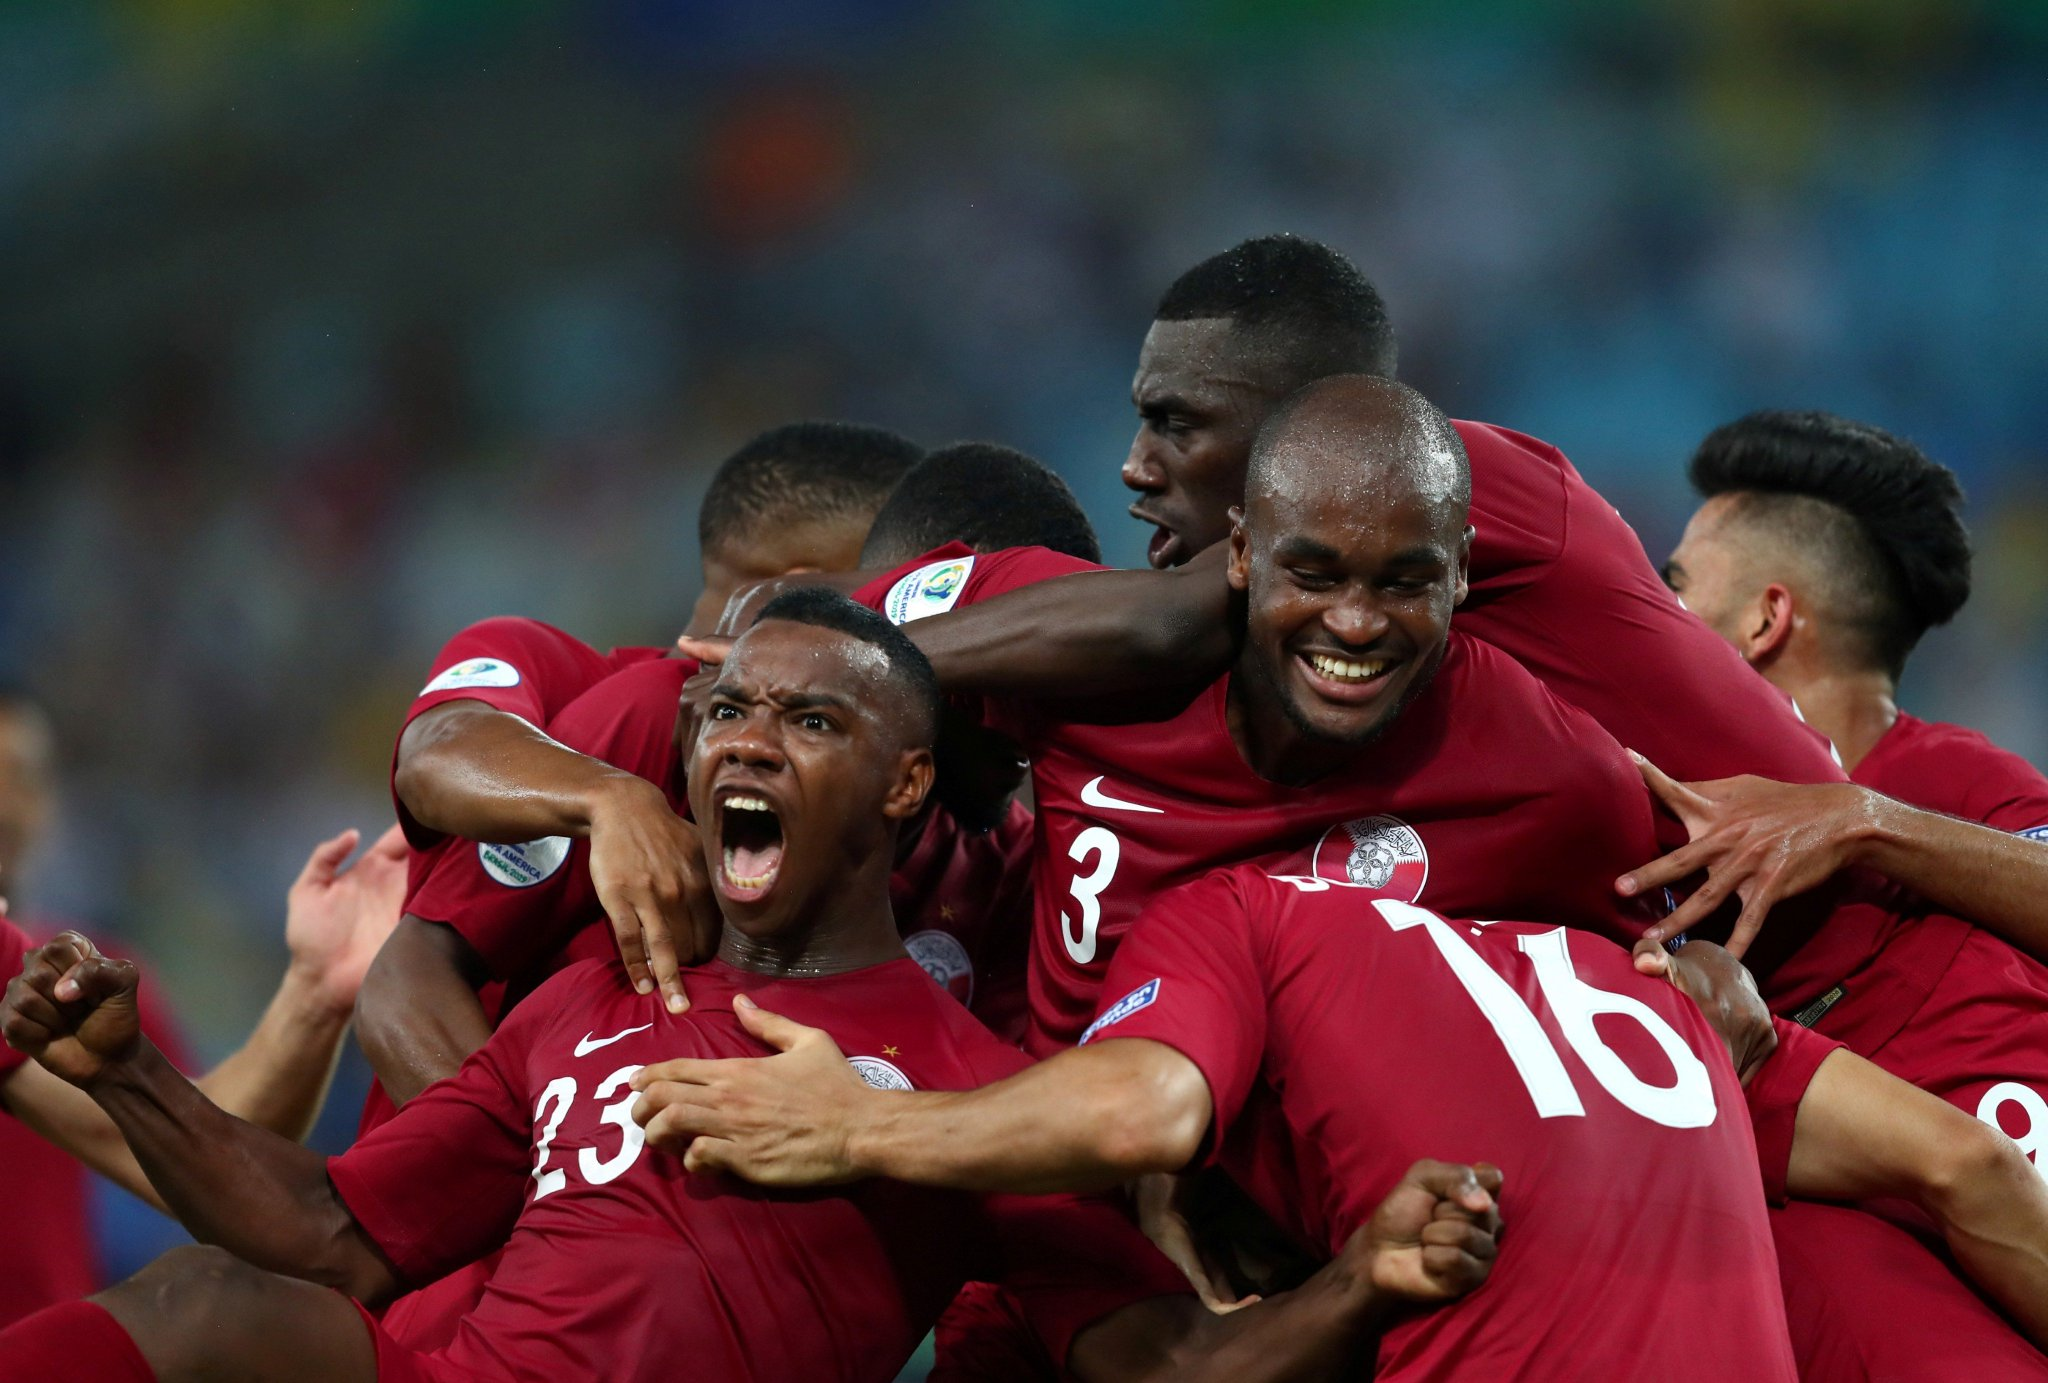 أهداف مباراة قطر وباراجواي (2-2) في كوبا أمريكا